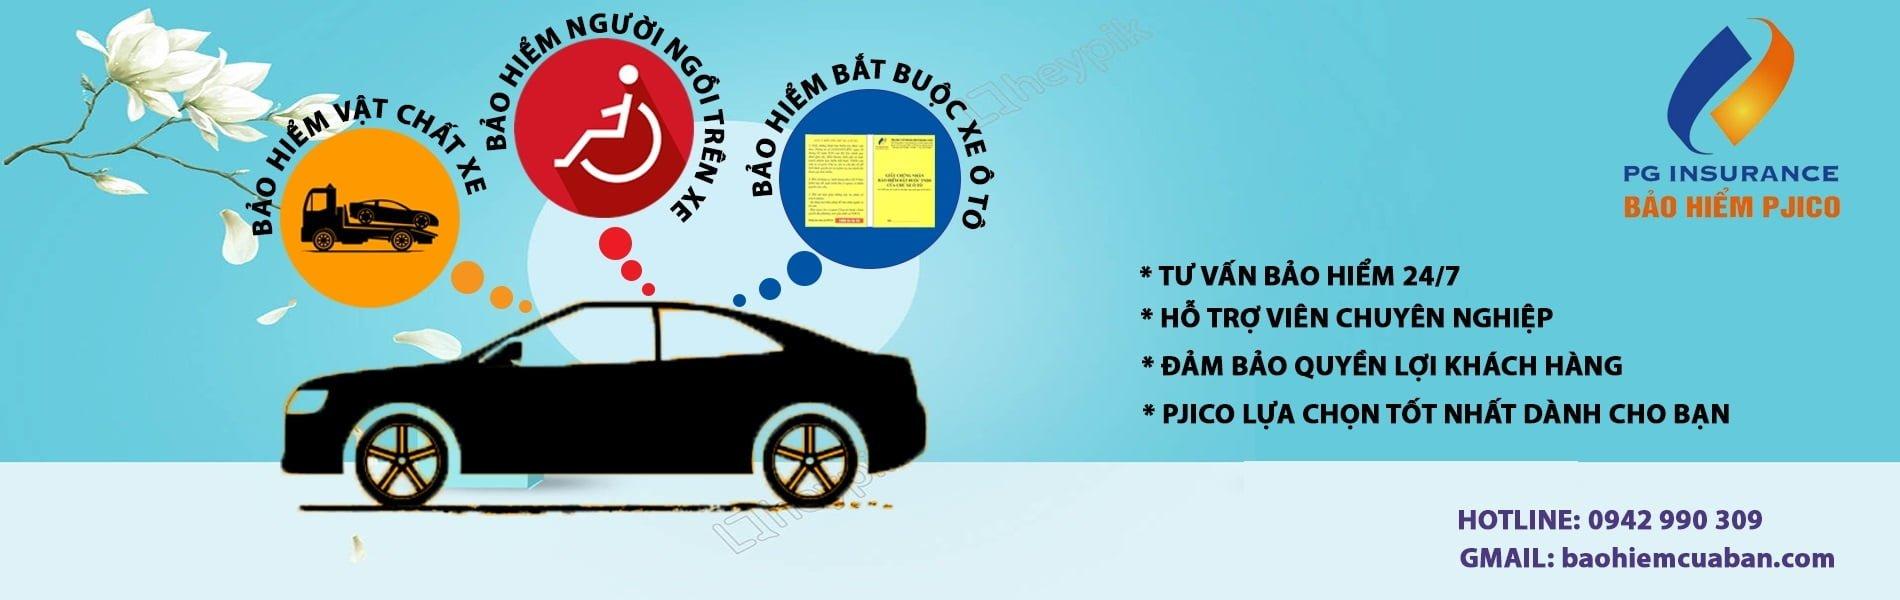 Bảo hiểm vật chất xe ô tô - công ty bảo hiểm PJICO - Hotline: 09429903